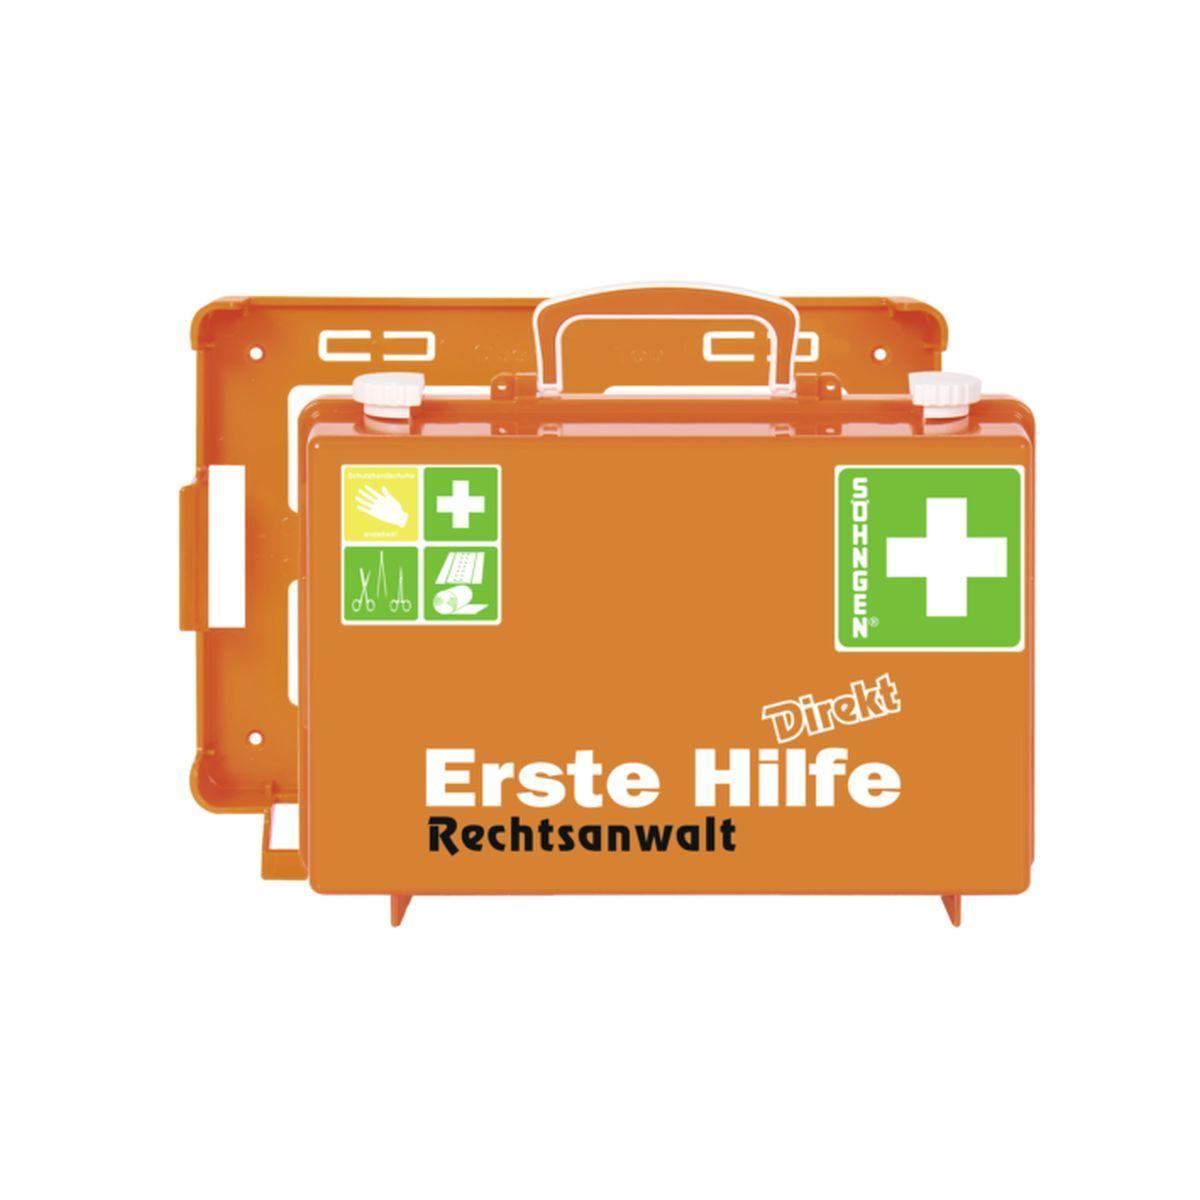 Erste Hilfe Koffer DIN 13157 DIREKT, Rechtsanwalt